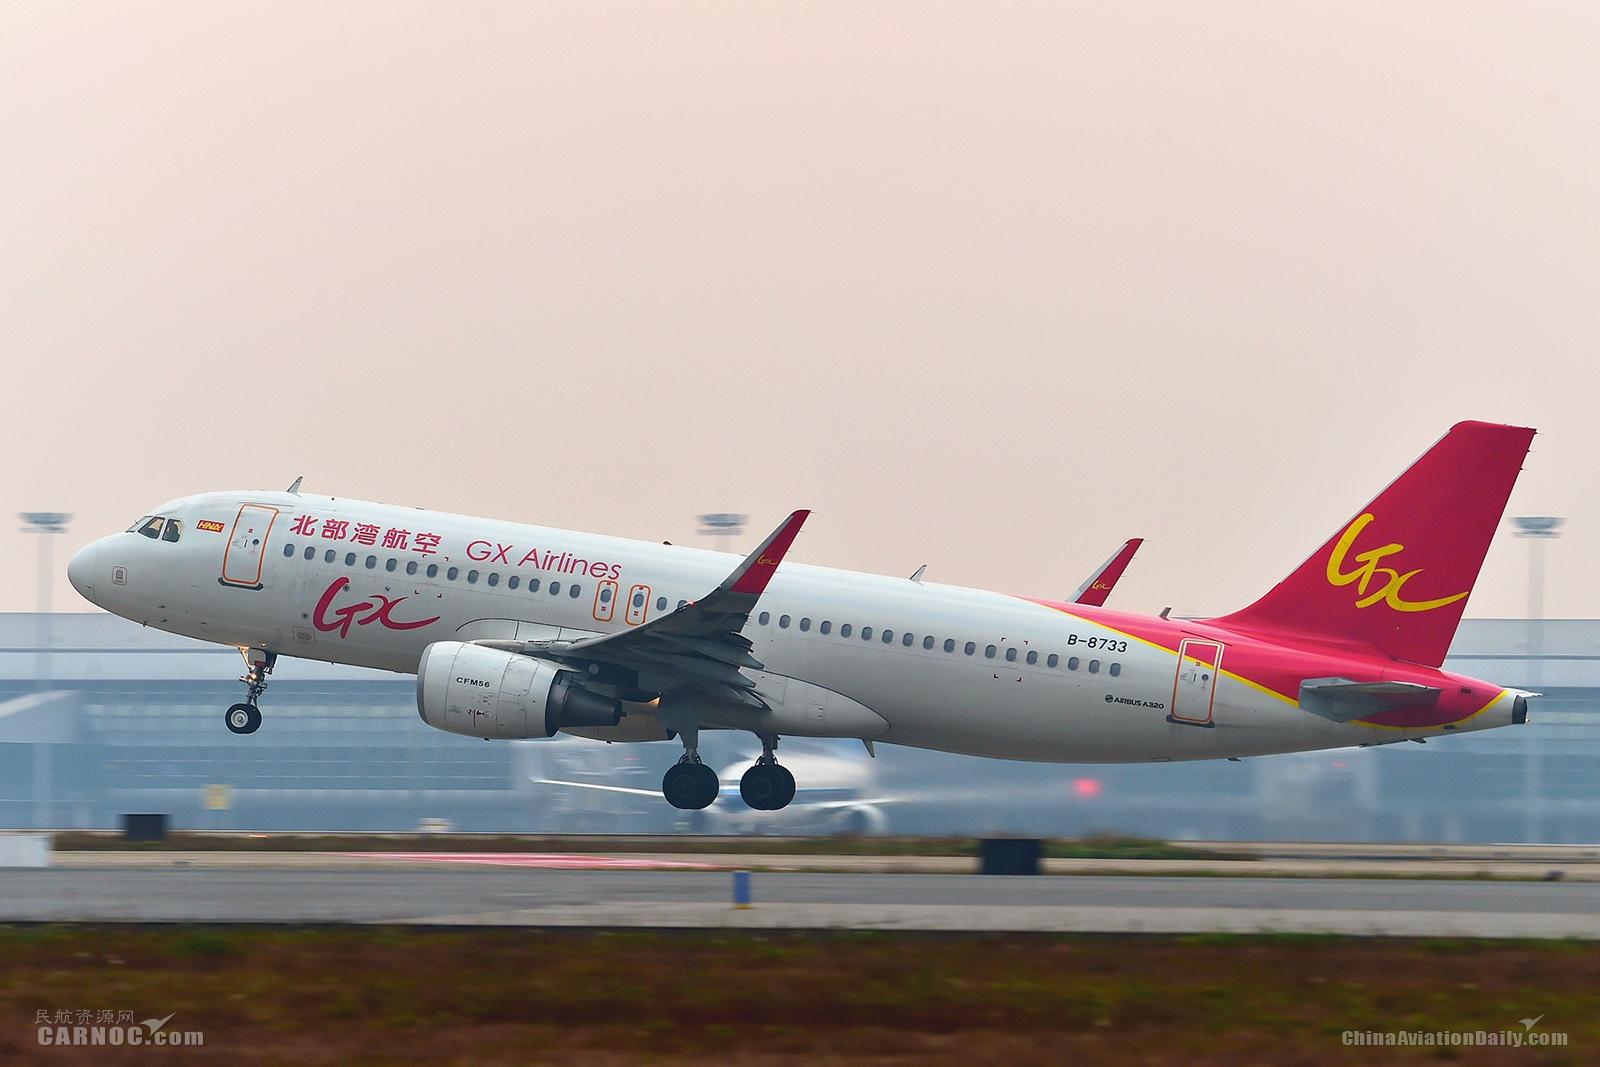 北部湾航空保持曼谷-南宁航线通航 提醒旅客注意两国入境新规